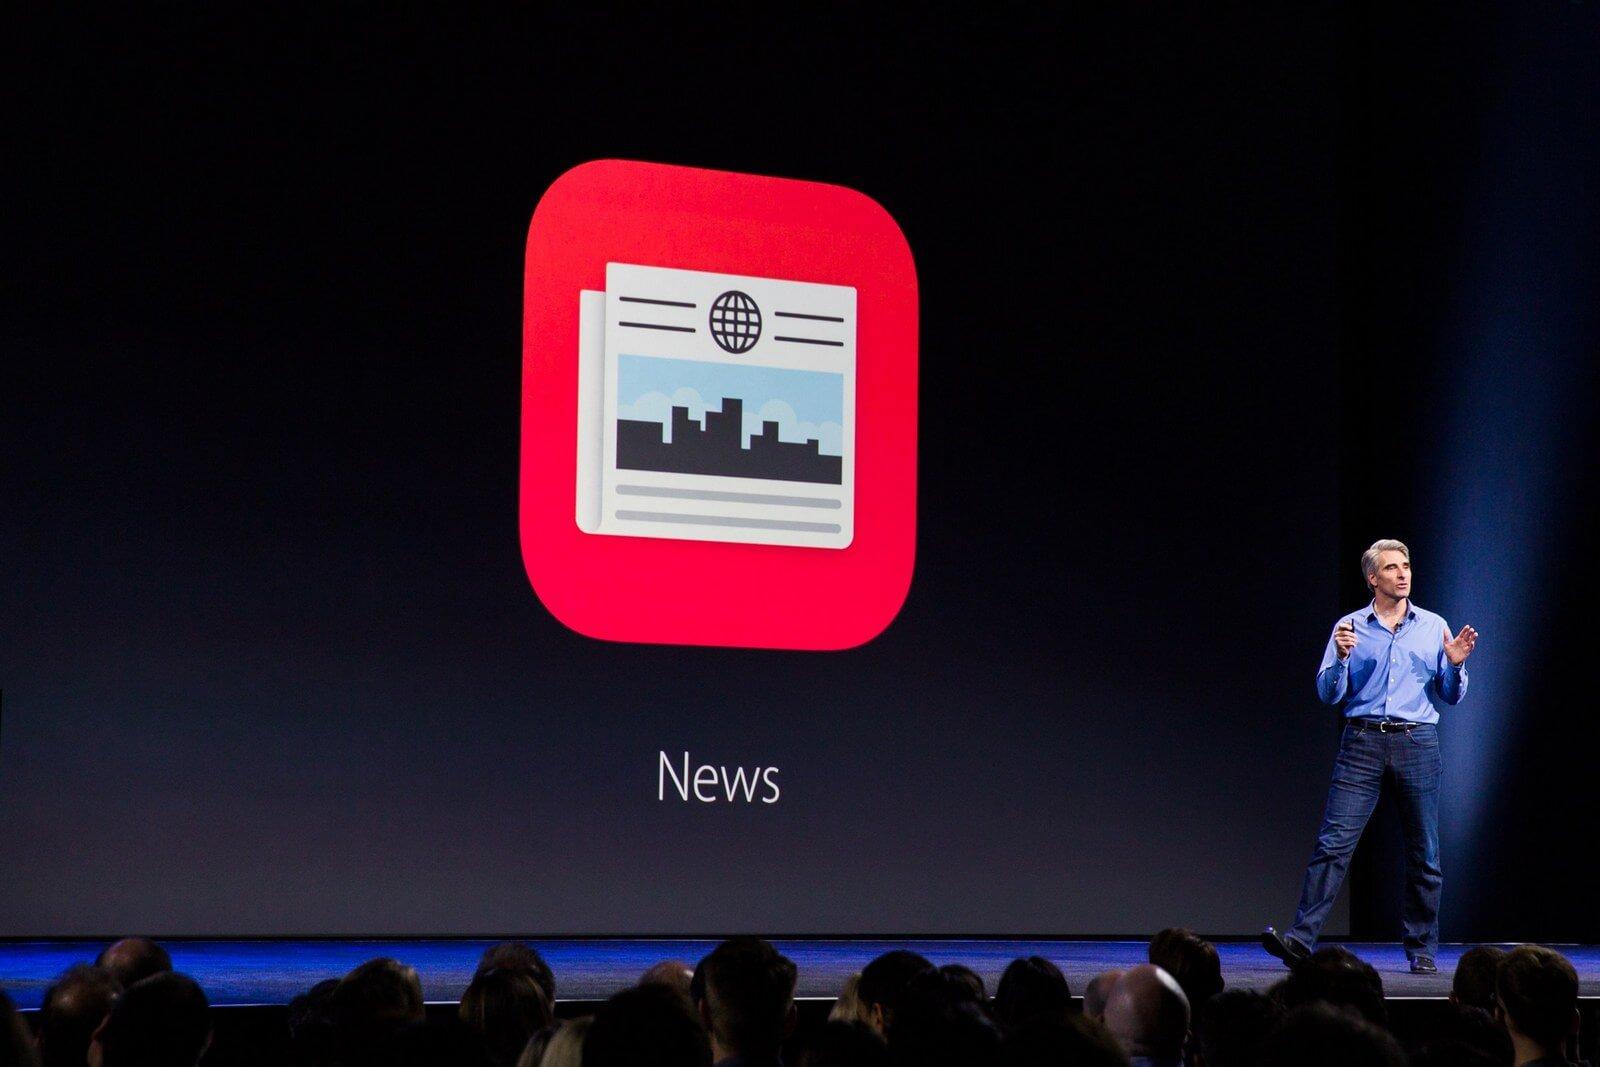 У Apple появилась идея нового подписного сервиса